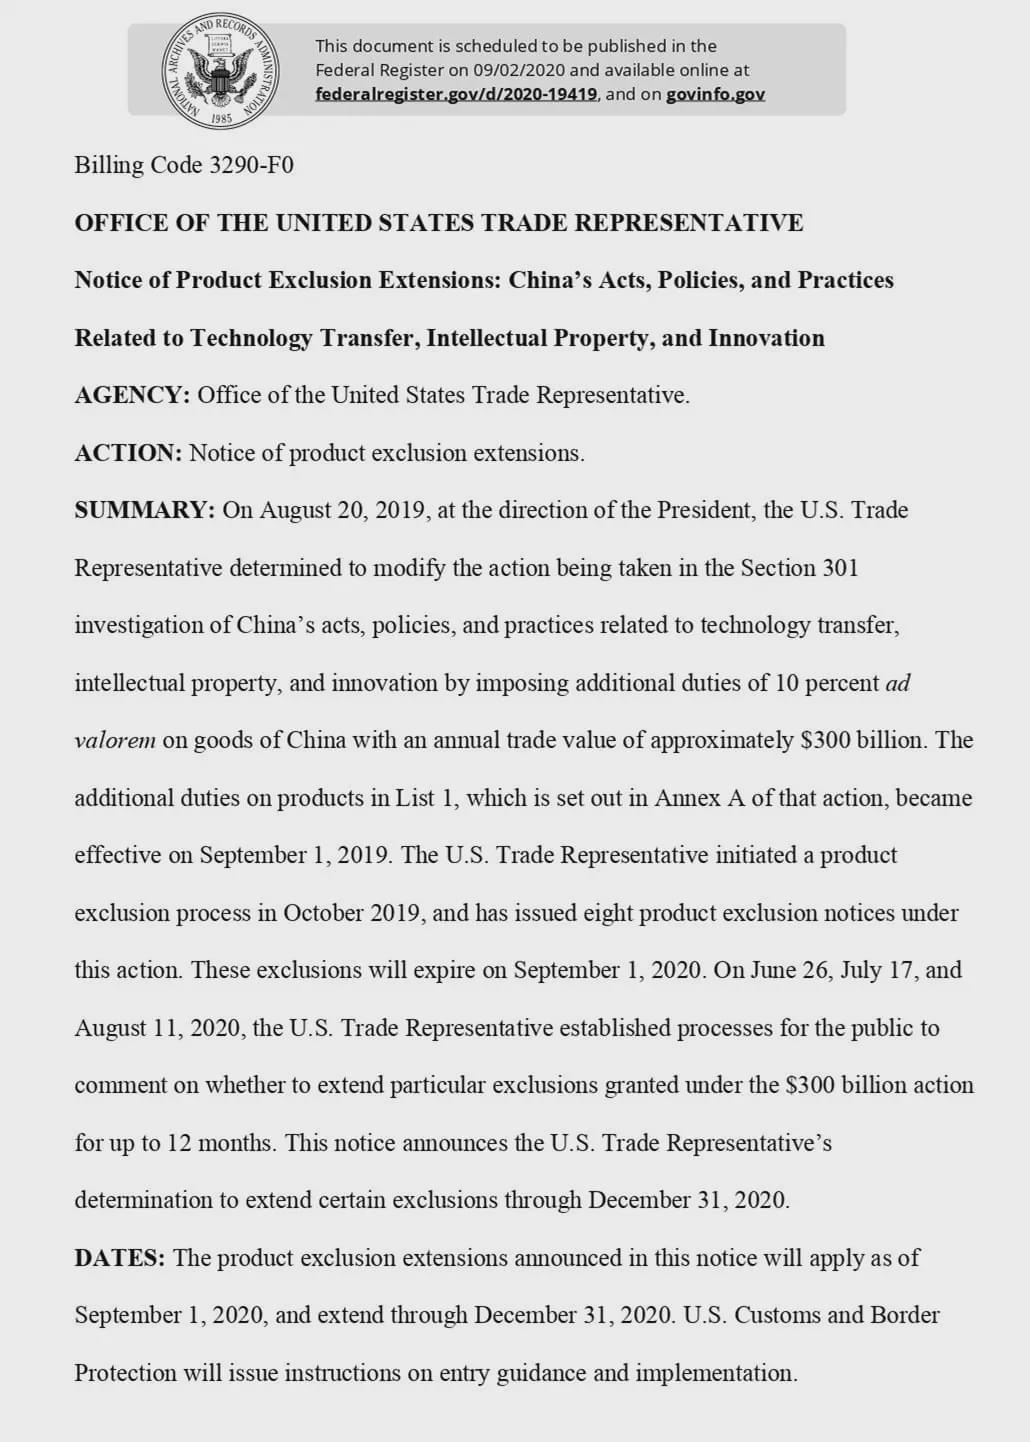 美將部分大陸商品關稅豁免期限延長至今年底。圖/美國貿易代表署